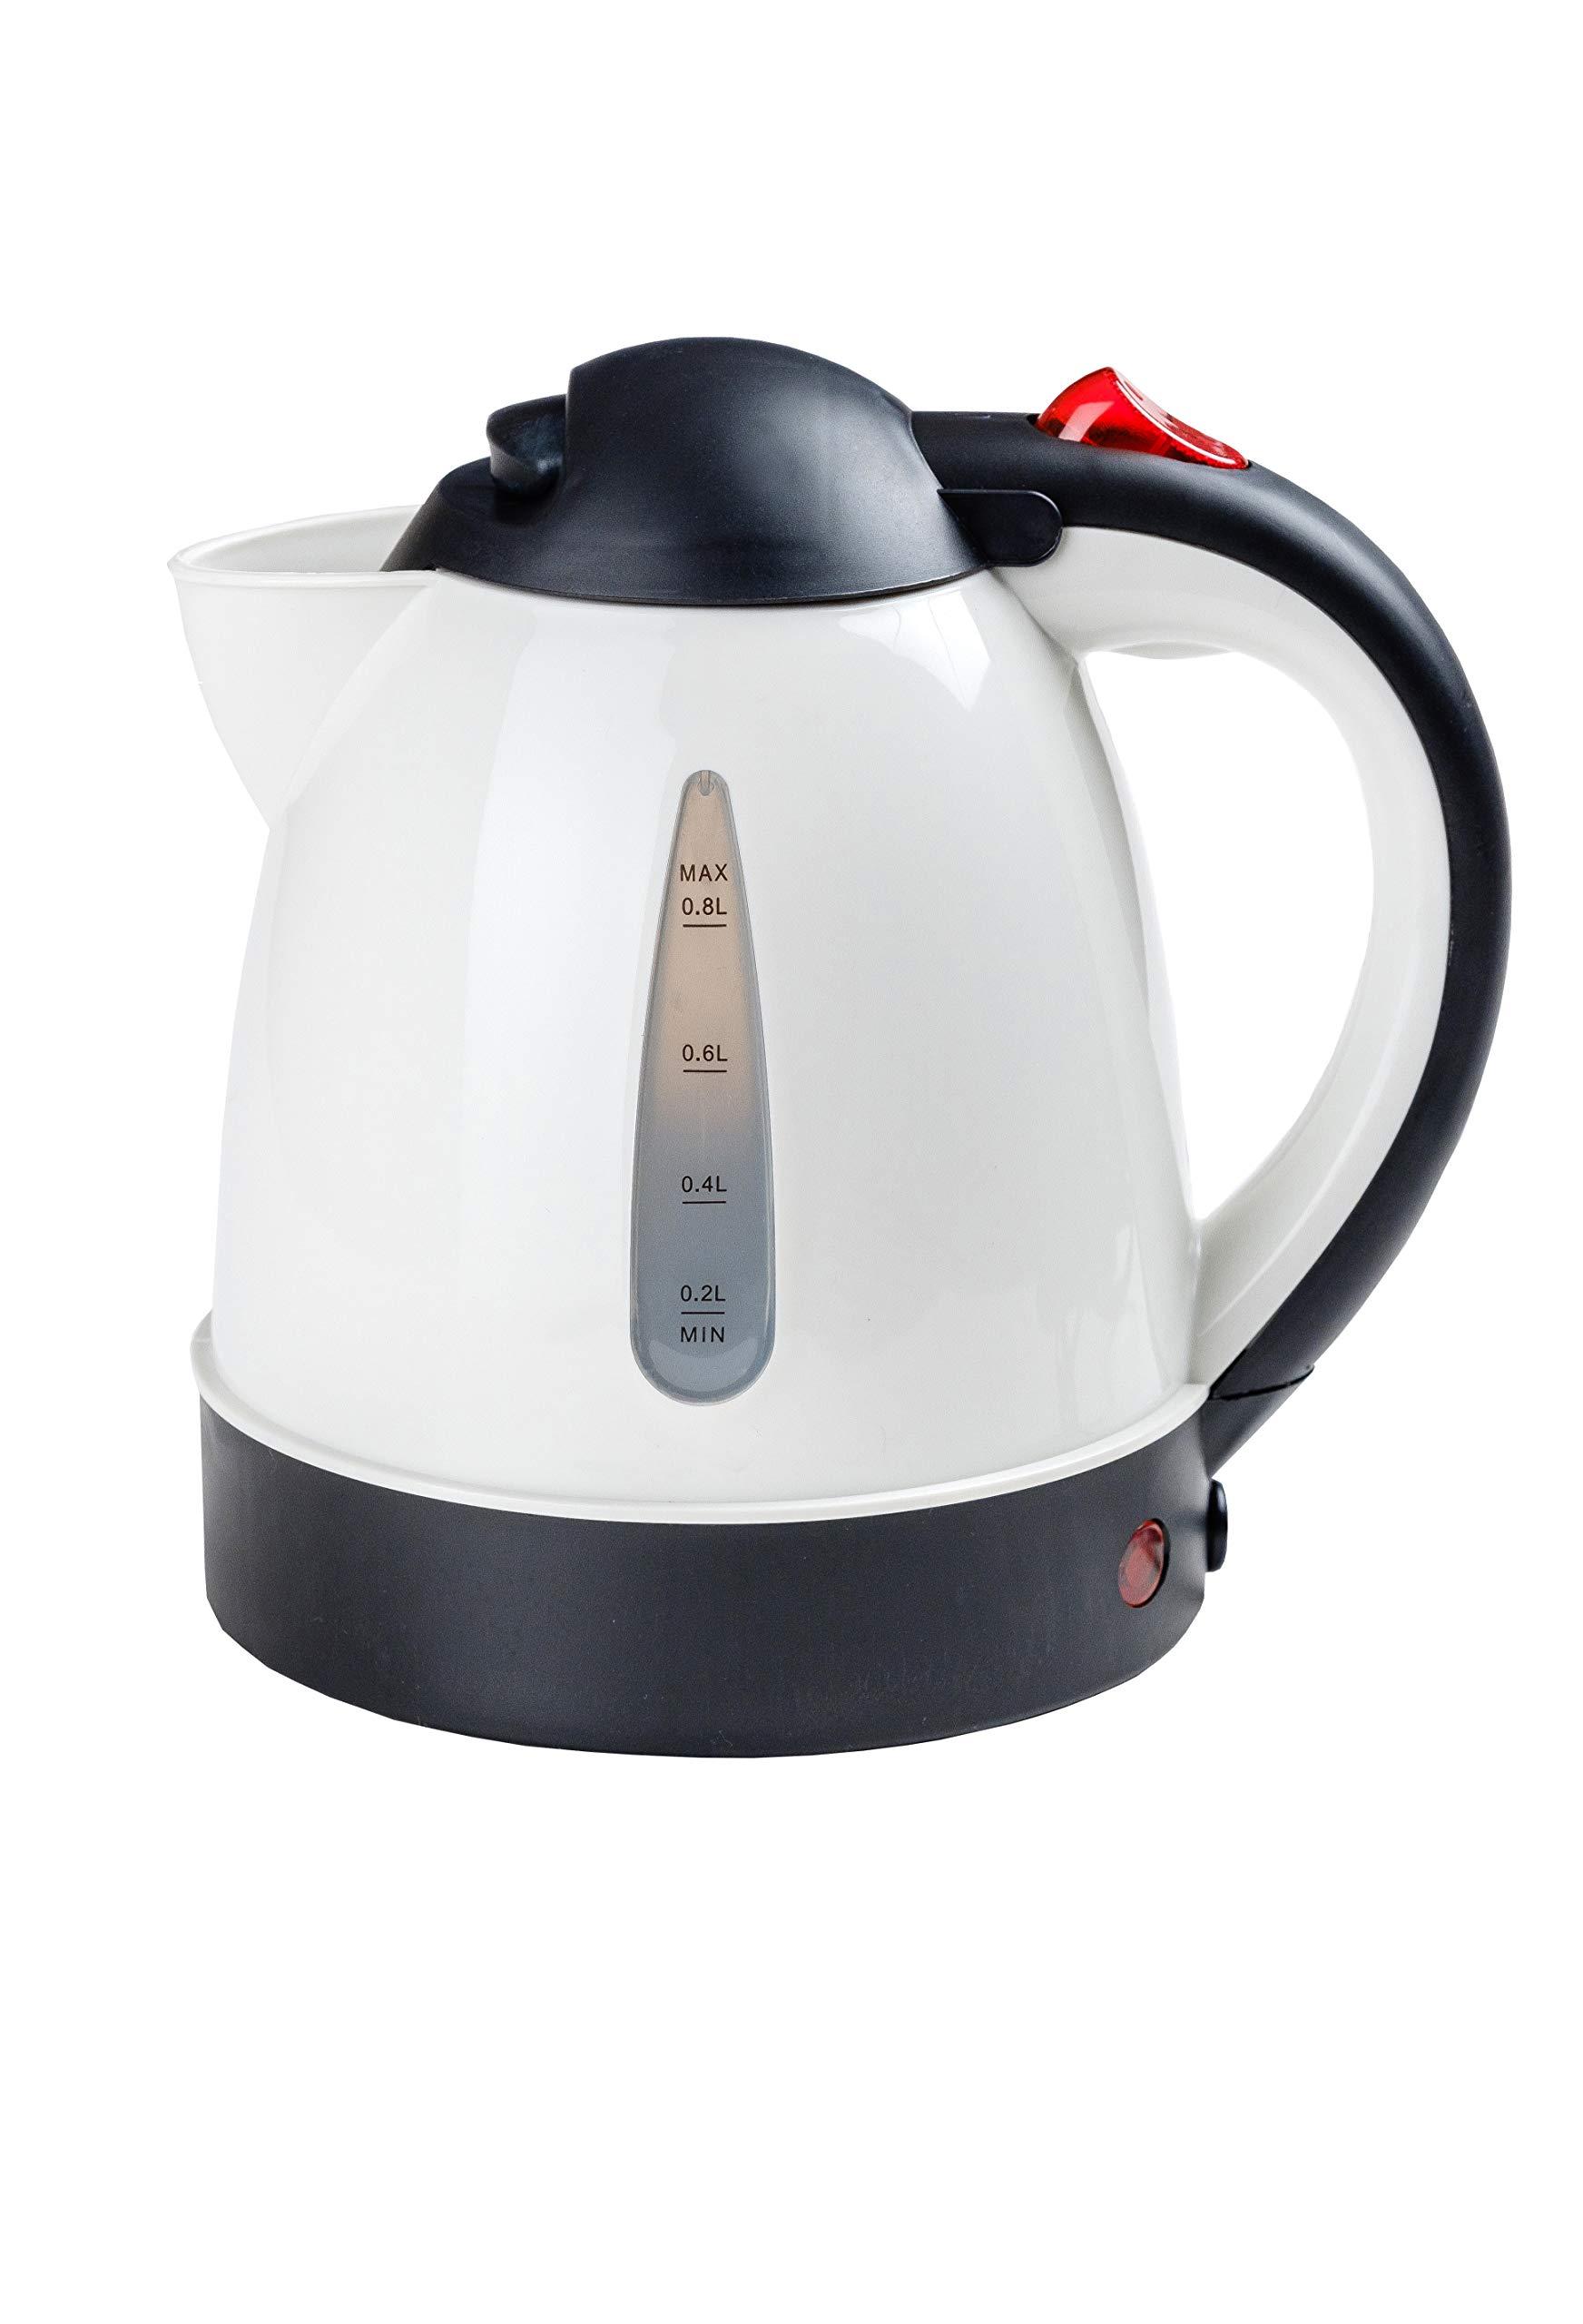 AR-LKW-Wasserkocher-24-Volt-250W-08-Liter-Bestens-geeignet-fr-Kaffee-Tee-Suppe-Vieles-mehr